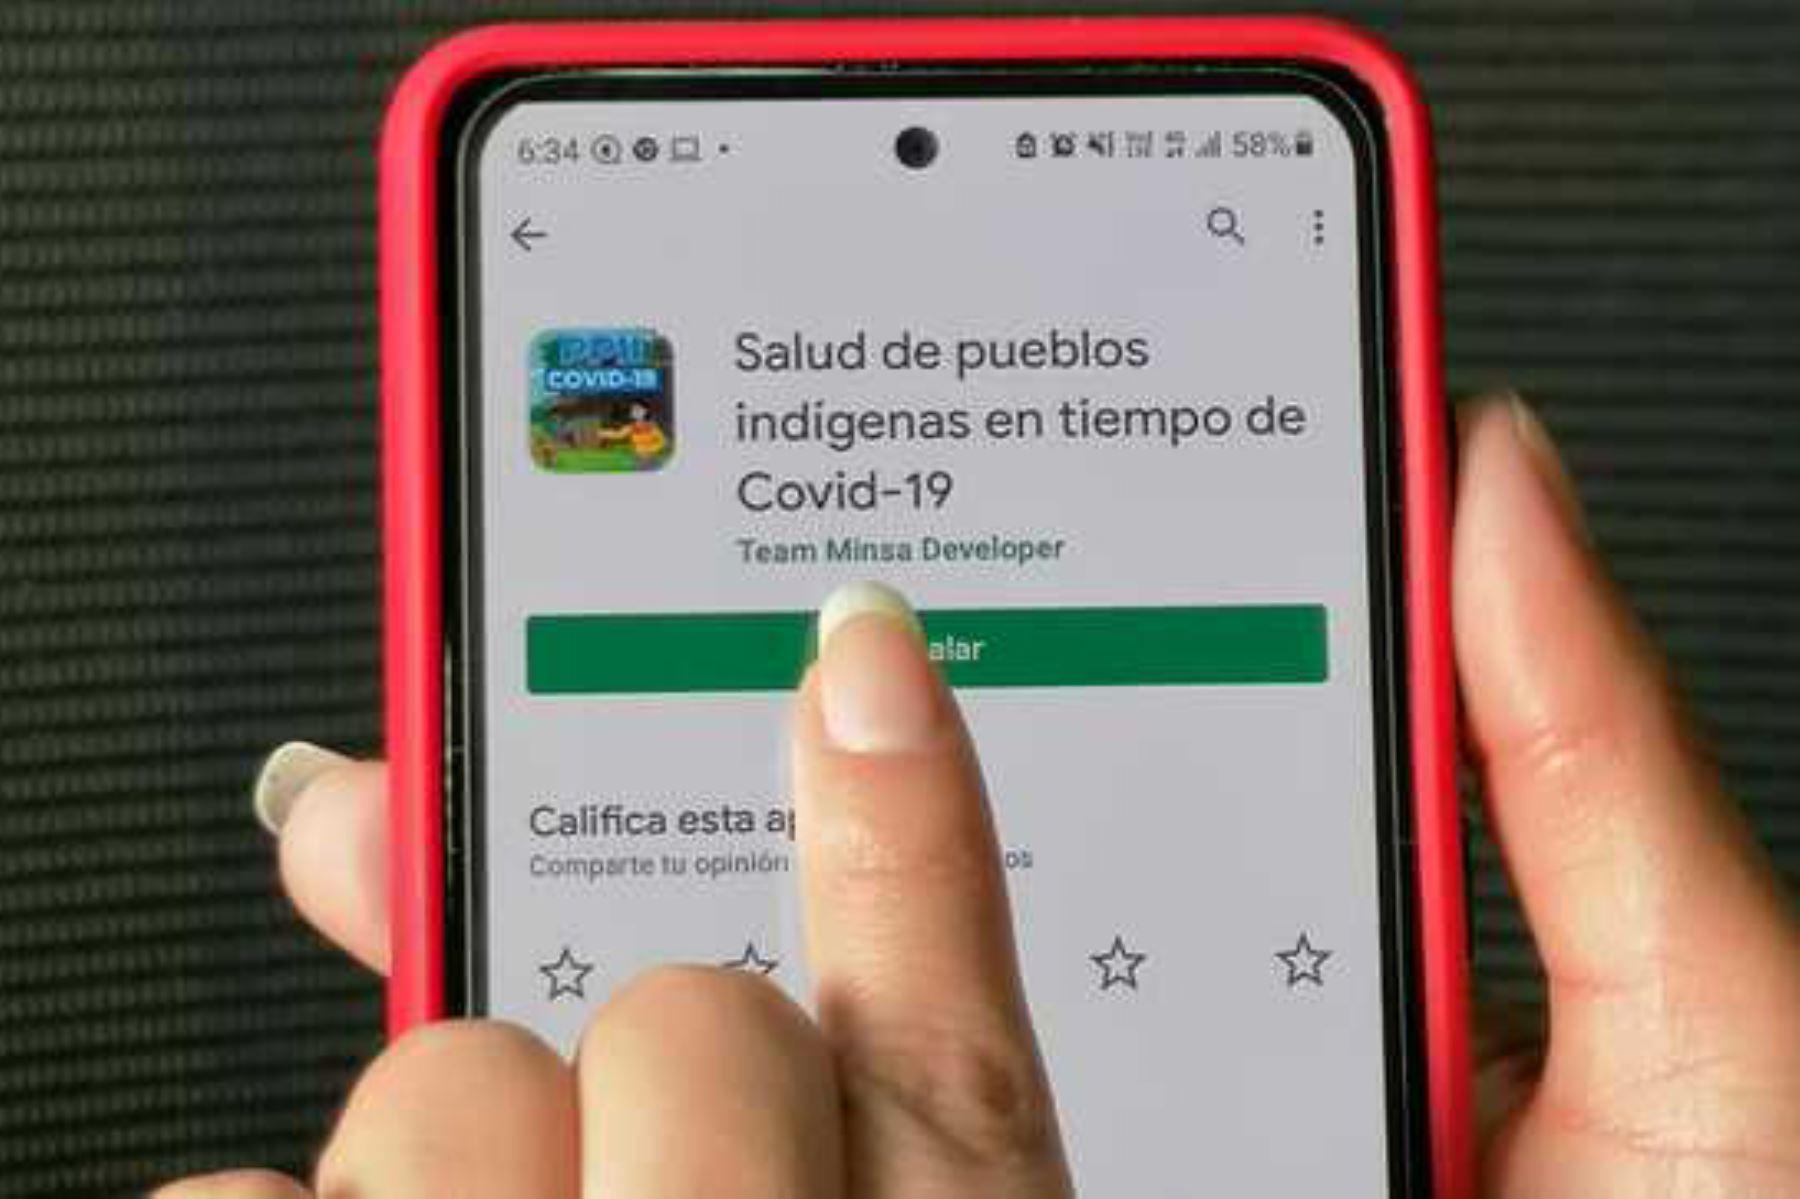 La aplicación se puede descargar, de forma gratuita, en Google Play Store y Huawei. Foto: ANDINA/Minsa.